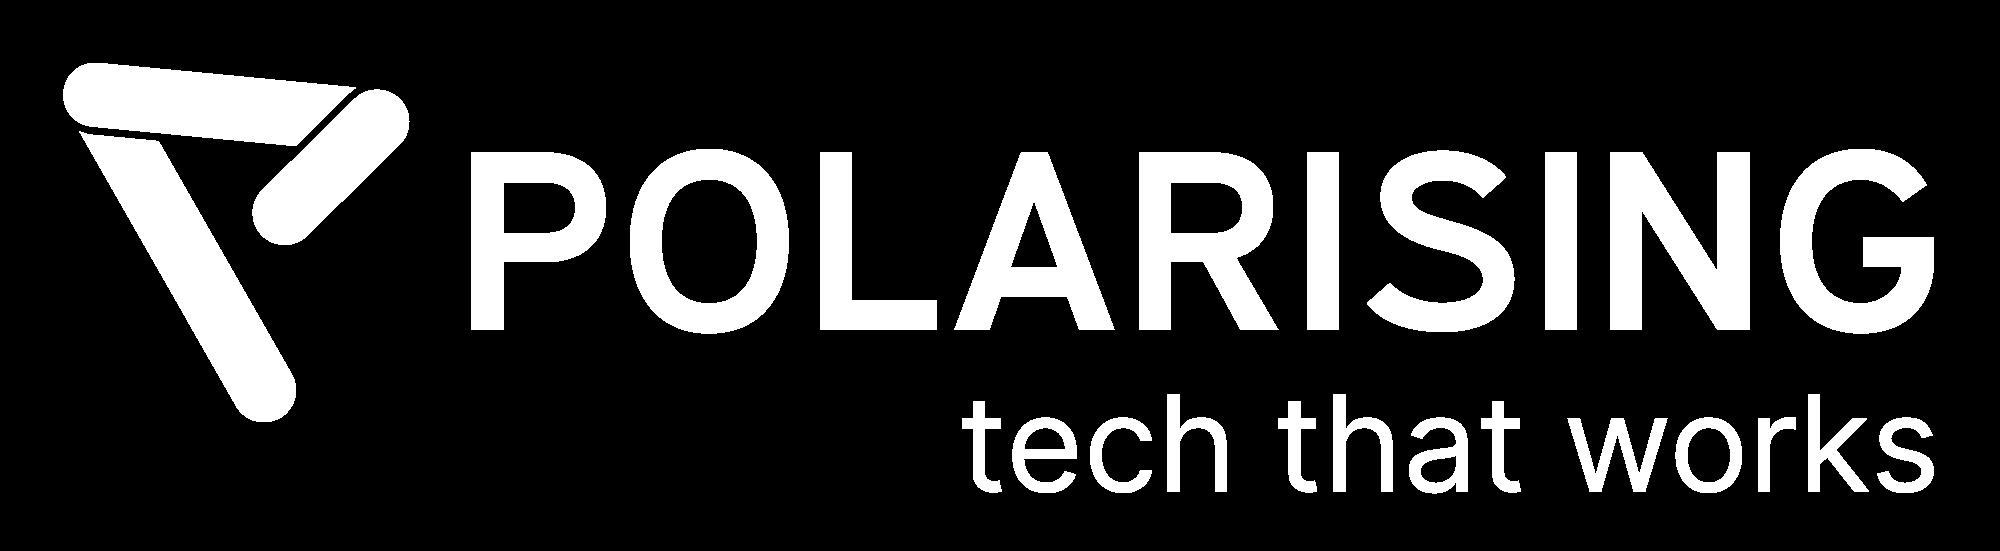 polarising